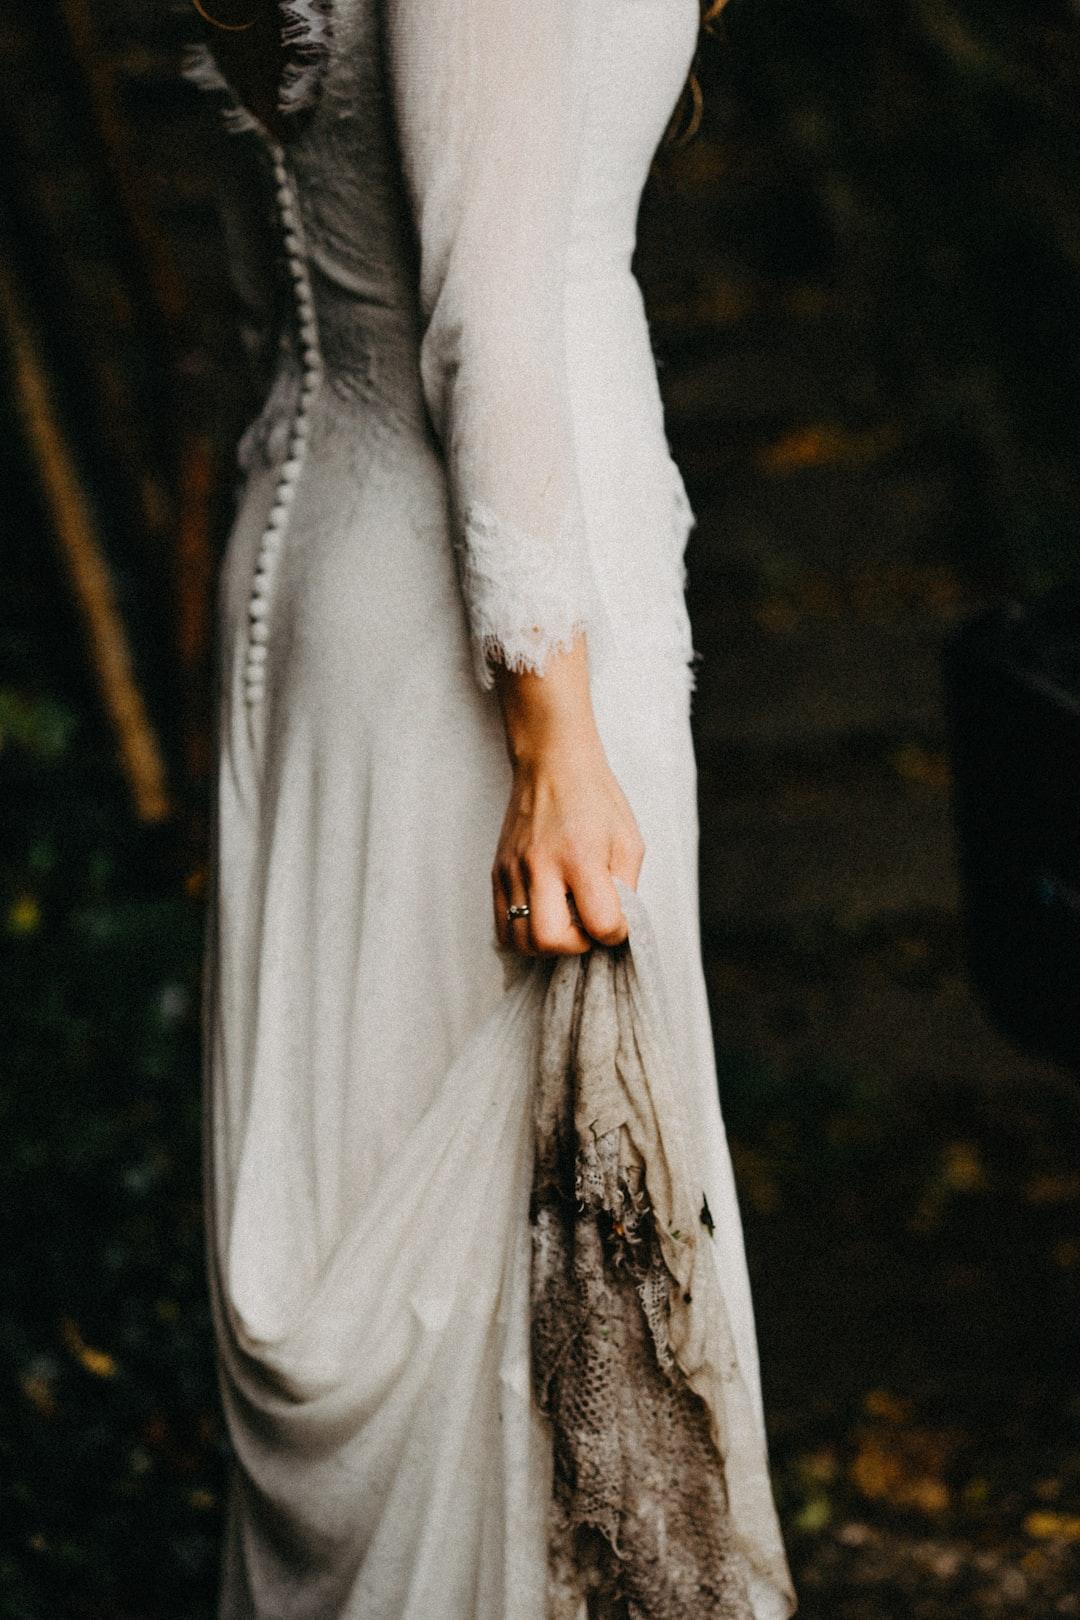 Eine braut, ein Kleid. Das After-Wedding-Shooting nahm regnerische Ausmaße auf einem Berg an. Der Boden verwandelte sich zu Schlamm. Doch das Brautpaar ließ sich nicht entmutigen. Nach dem Shooting war das Kleid am Saum voller Dreck. Doch es verlor nicht seine Unschuld und auch nicht seine Reinheit. Ein Hochzeitskleid bleibt über diese Dinge immer Erhaben.